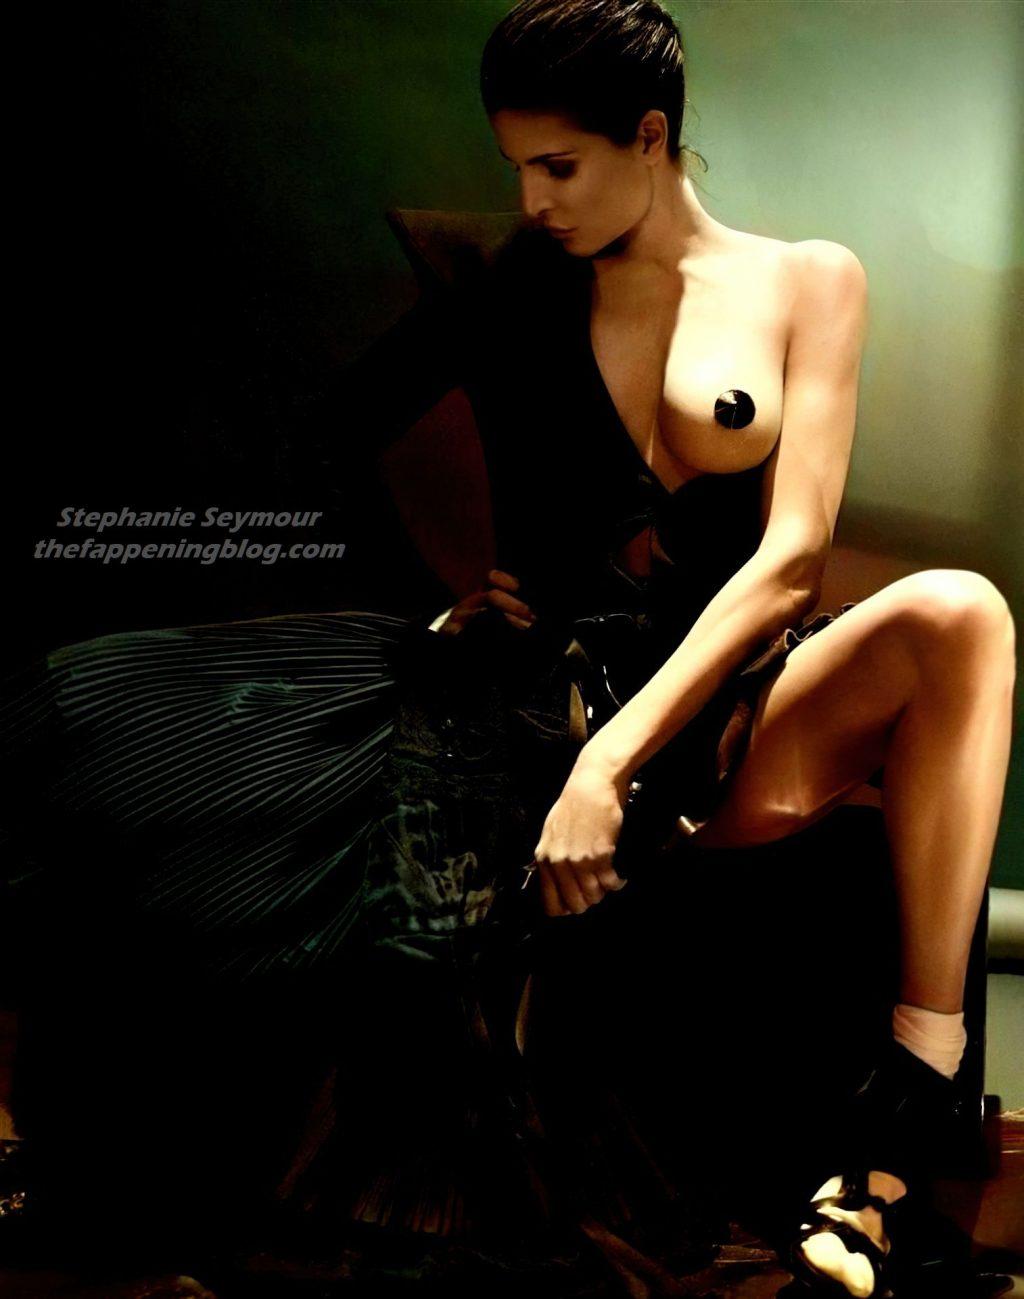 stephanie-seymour